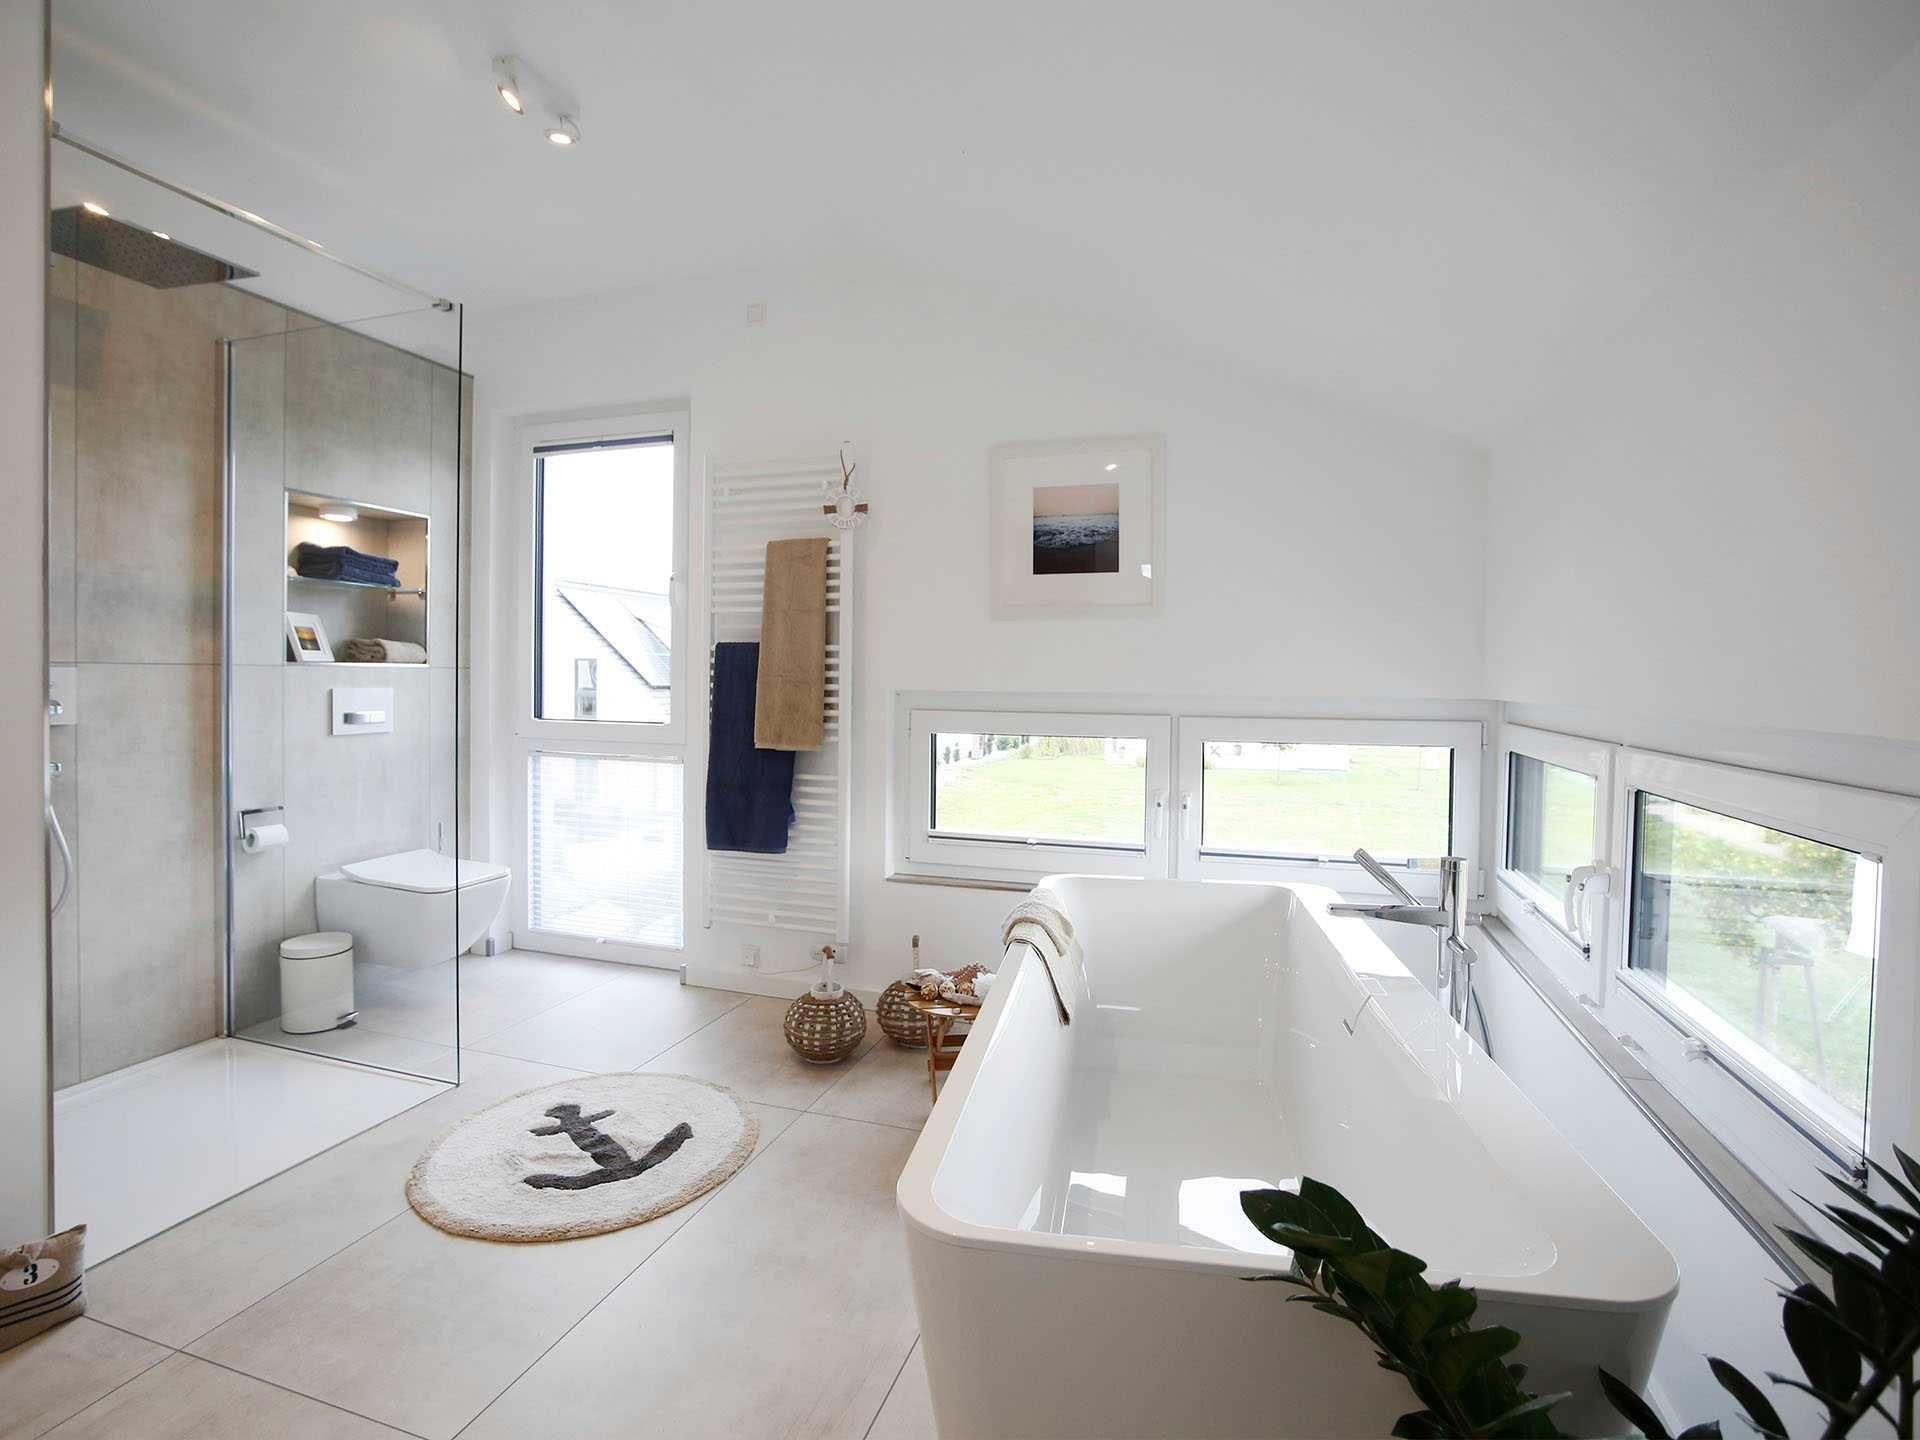 #Badezimmer Im Musterhaus Werder Von OKAL Haus U2022 Mit #Musterhaus.net  Traumhaus Finden